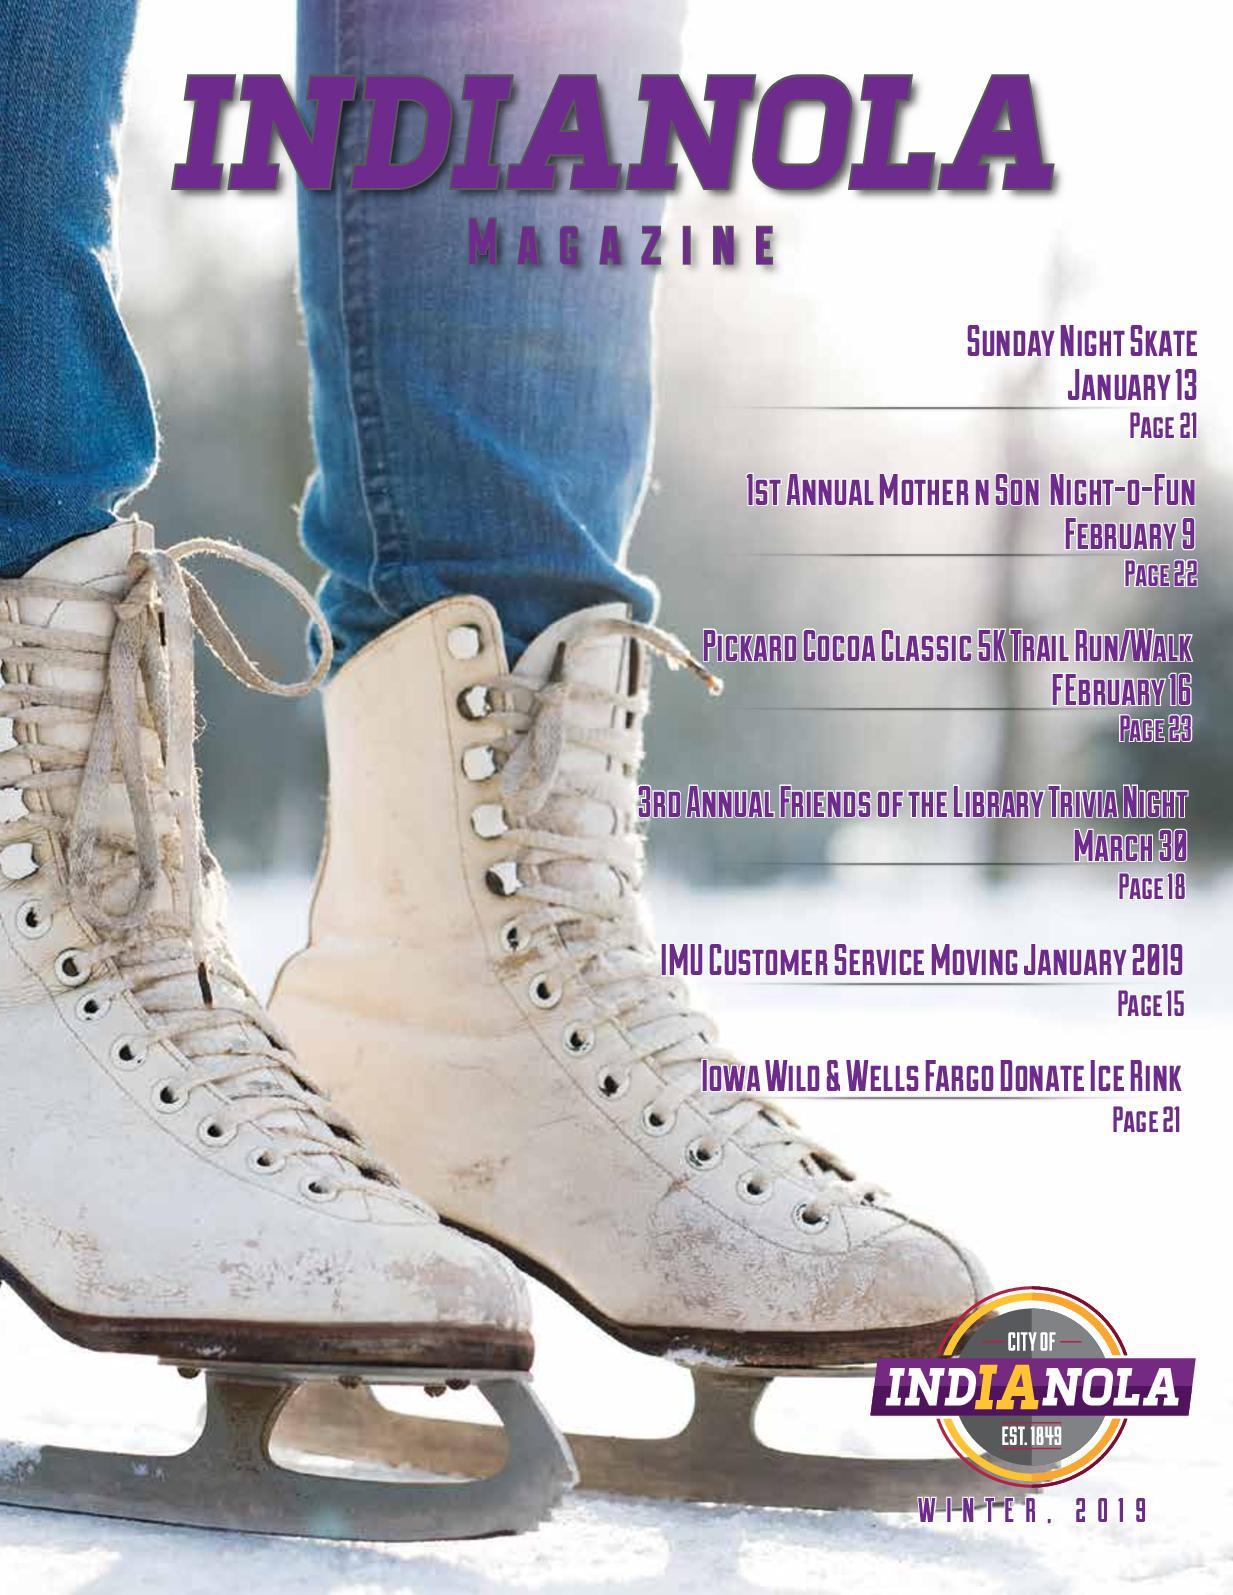 2e56d03029a Calaméo - Indianola Magazine - Winter